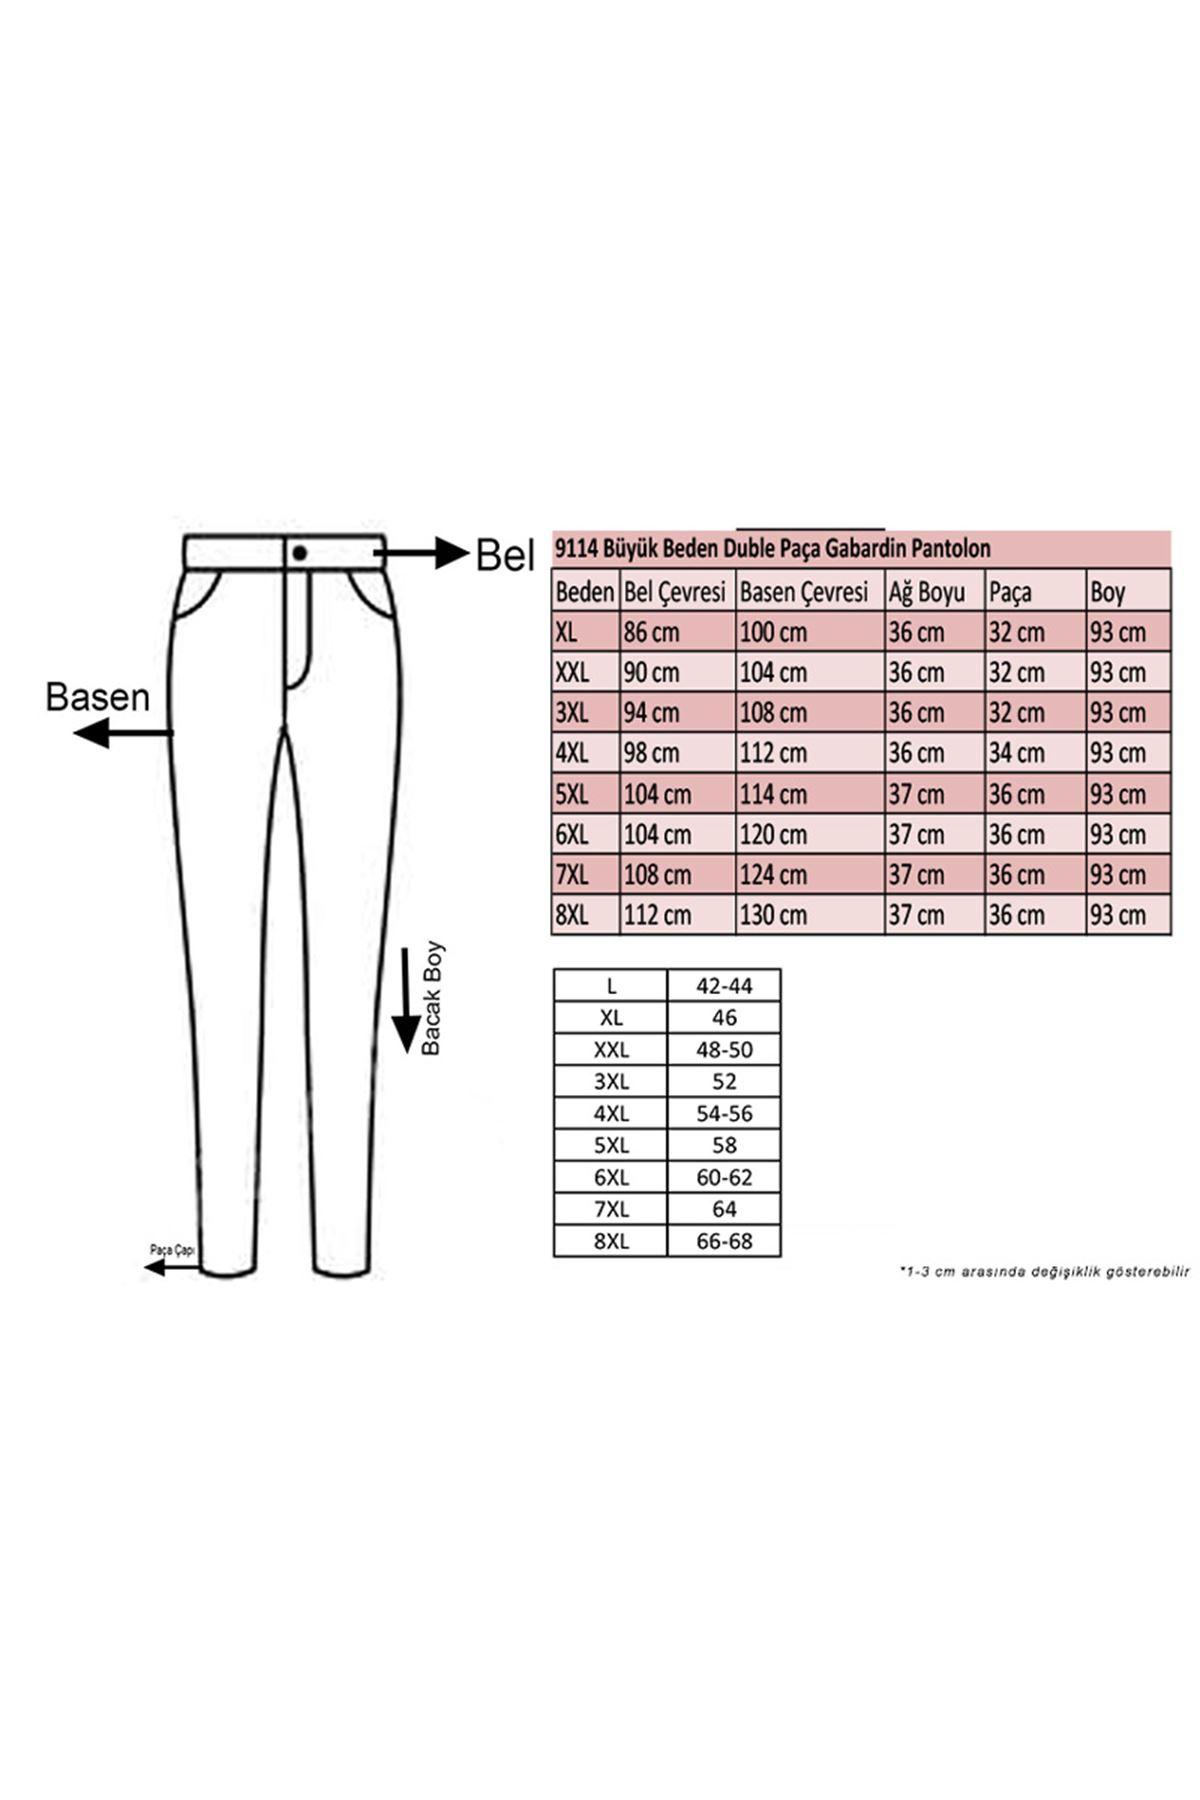 9114 Büyük Beden Duble Paça Gabardin Pantolon - Taba